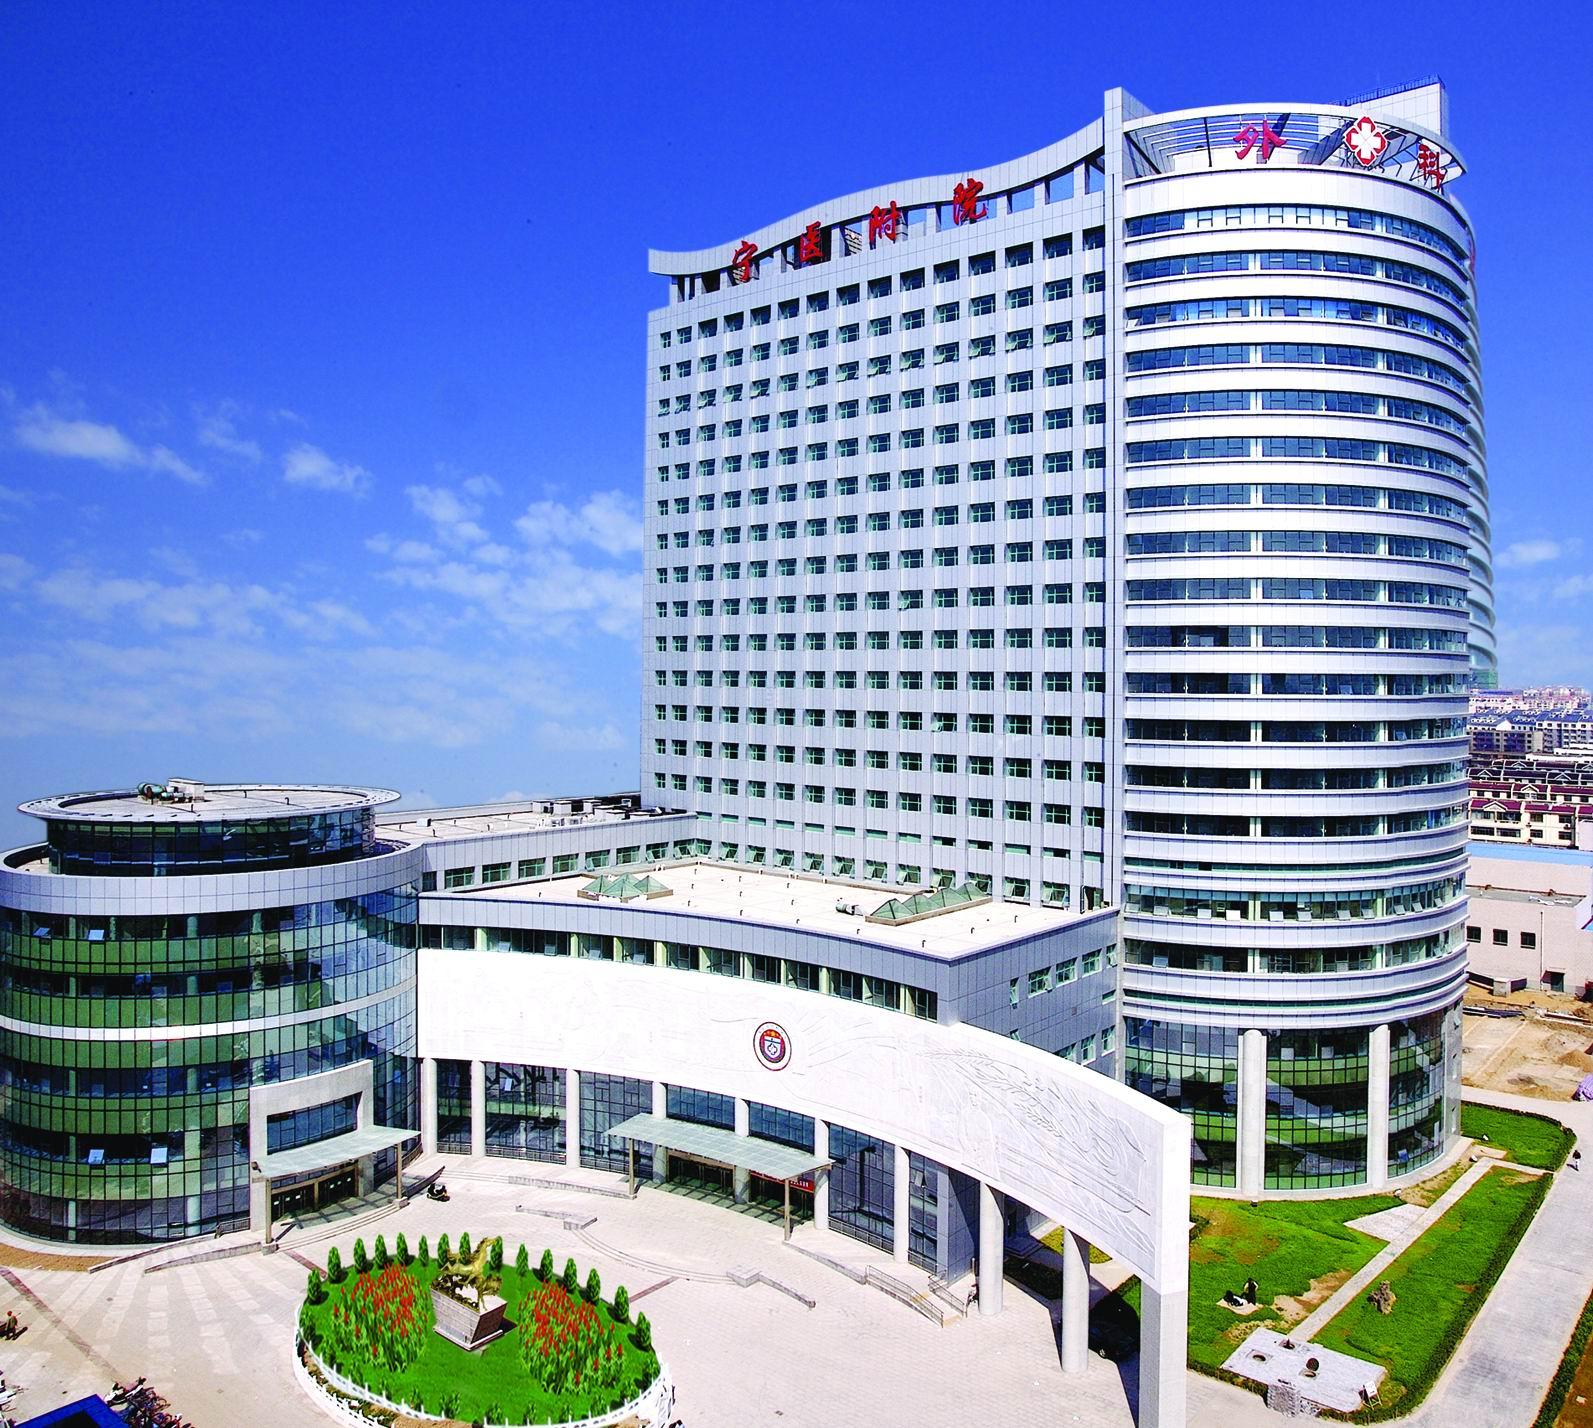 بورسیه پزشکی، دانشگاه پزشکی نینگشیا چین